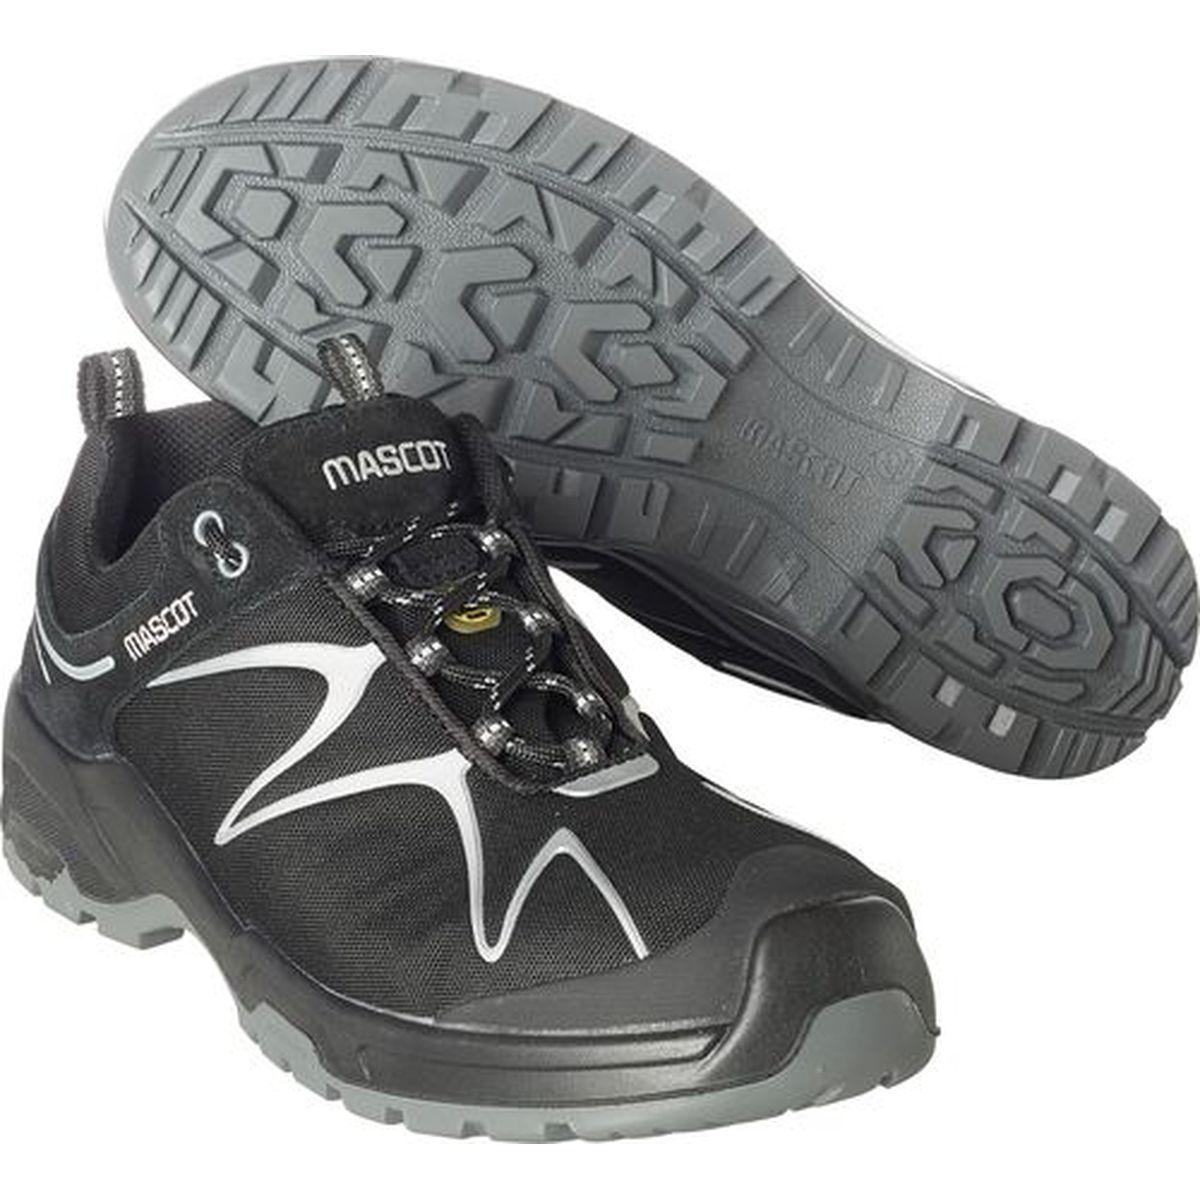 MASCOT® FOOTWEAR FLEX ESD Herren Sicherheitshalbschuh Gr.43 S3